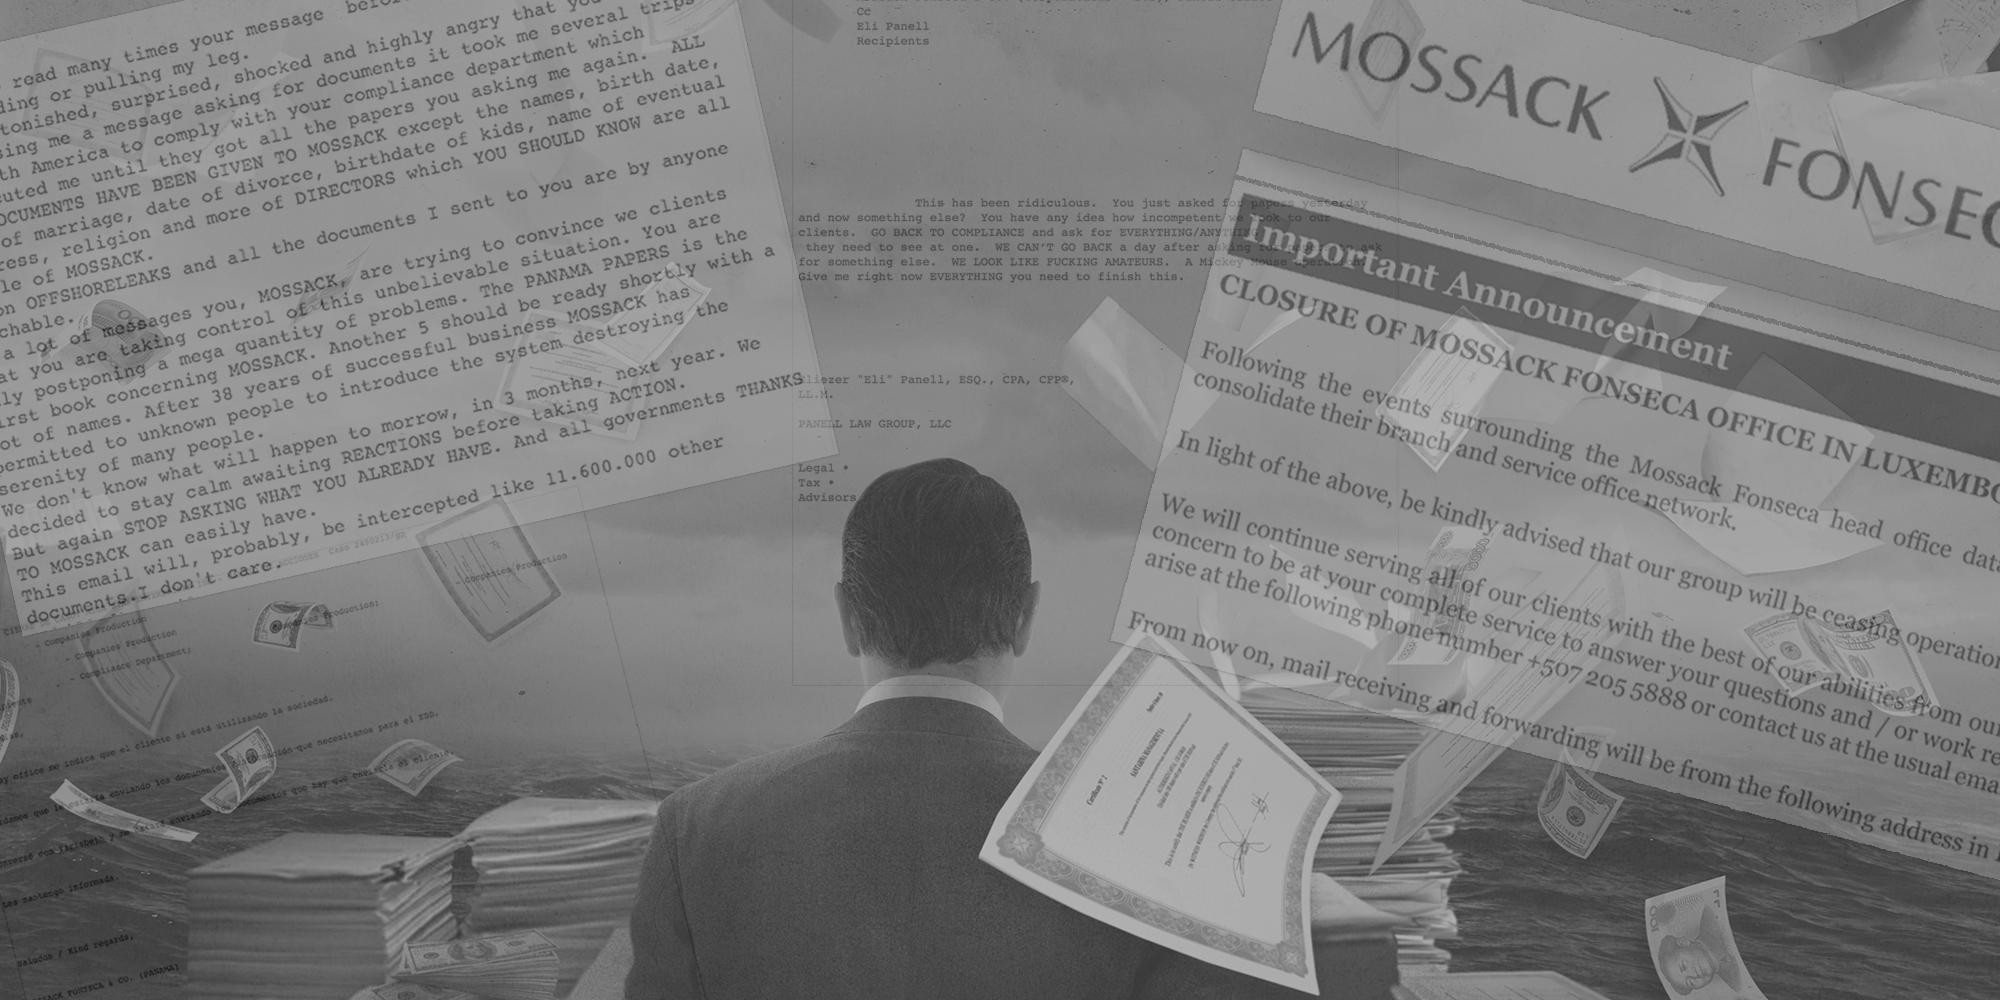 Panama Papers nám poskytly chybějící vodítko